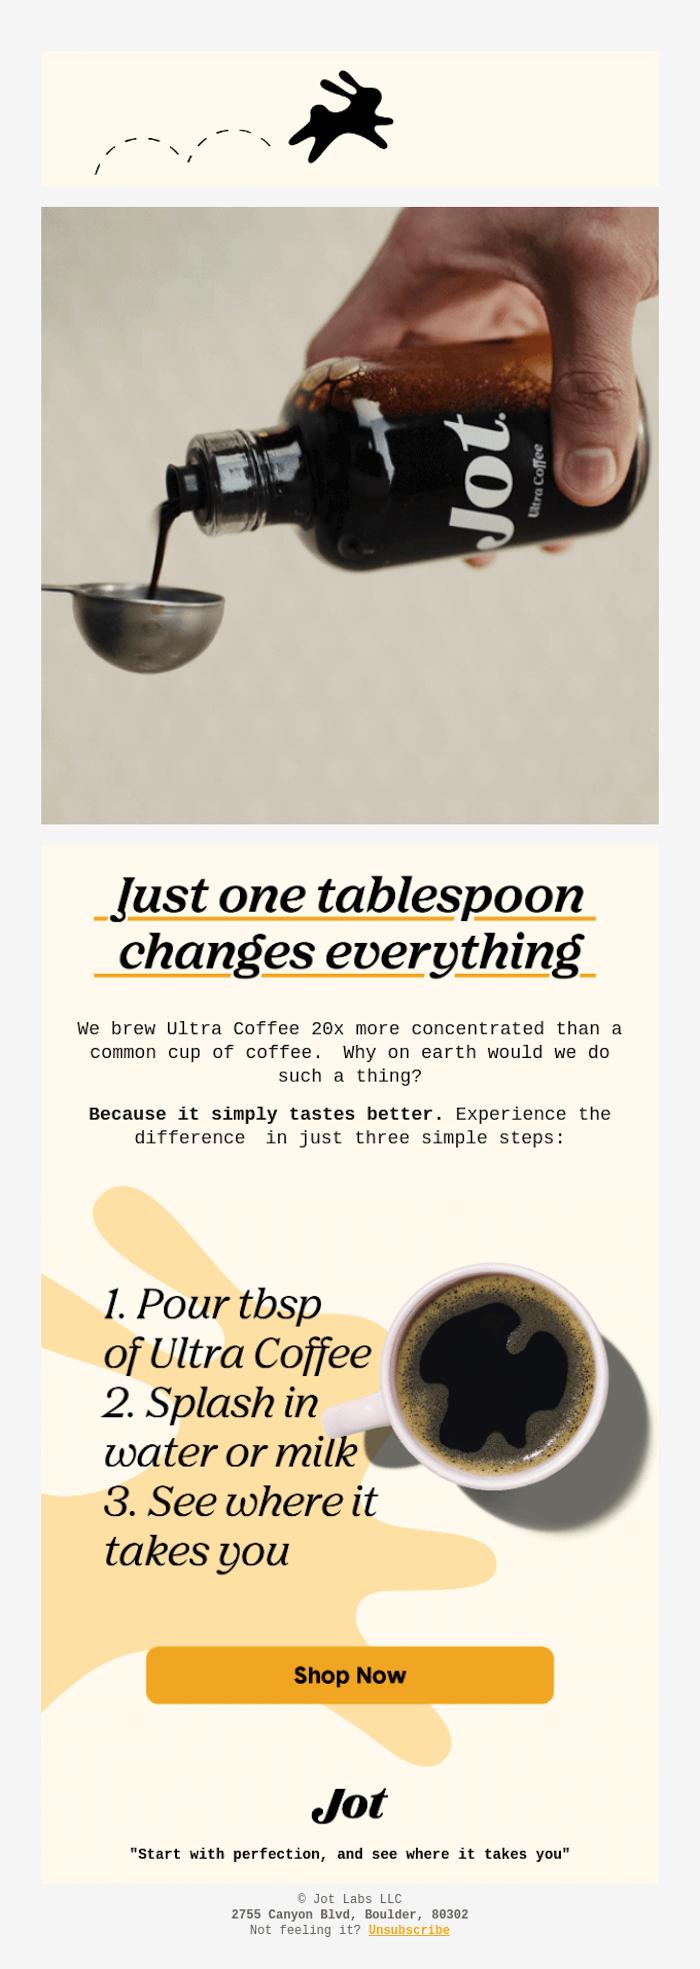 jot coffee haga clic para abrir la tarifa de correo electrónico